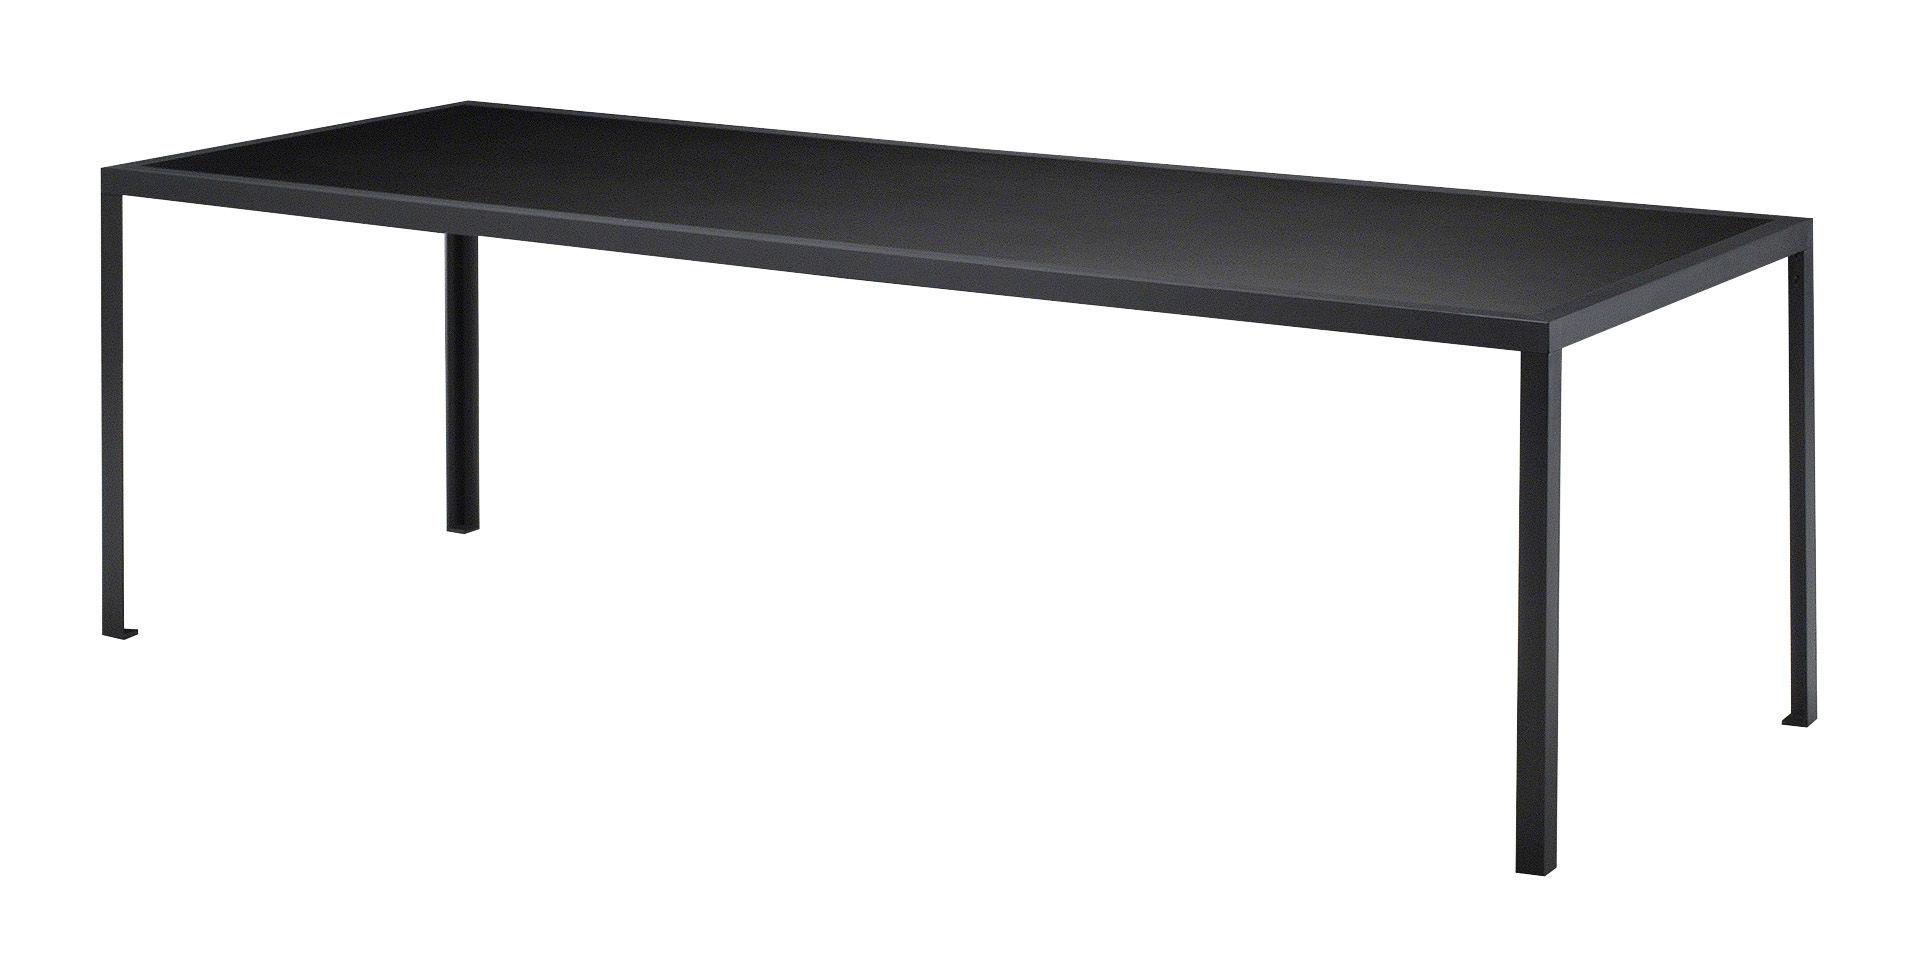 Möbel - Tische - Tavolo rechteckiger Tisch - rechteckig - L 180 cm - Zeus - Schwarz - 180 x 90 cm - bemalter Stahl, Linoleum